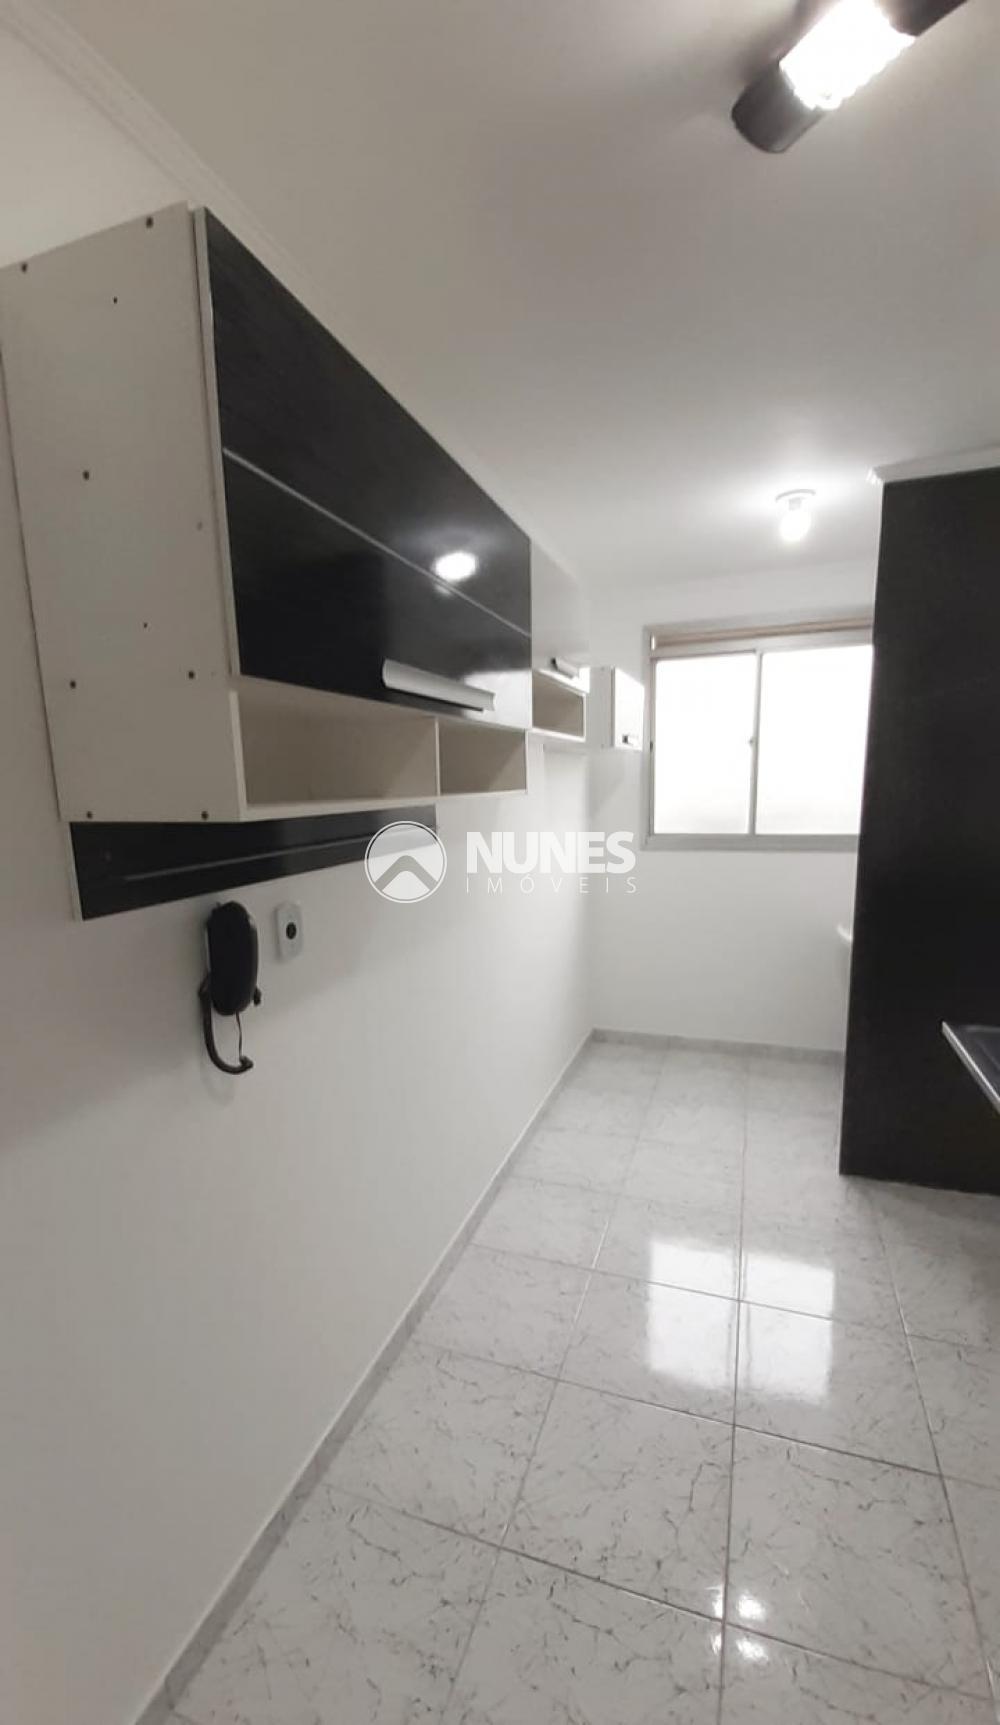 Comprar Apartamento / Padrão em Osasco apenas R$ 240.000,00 - Foto 2